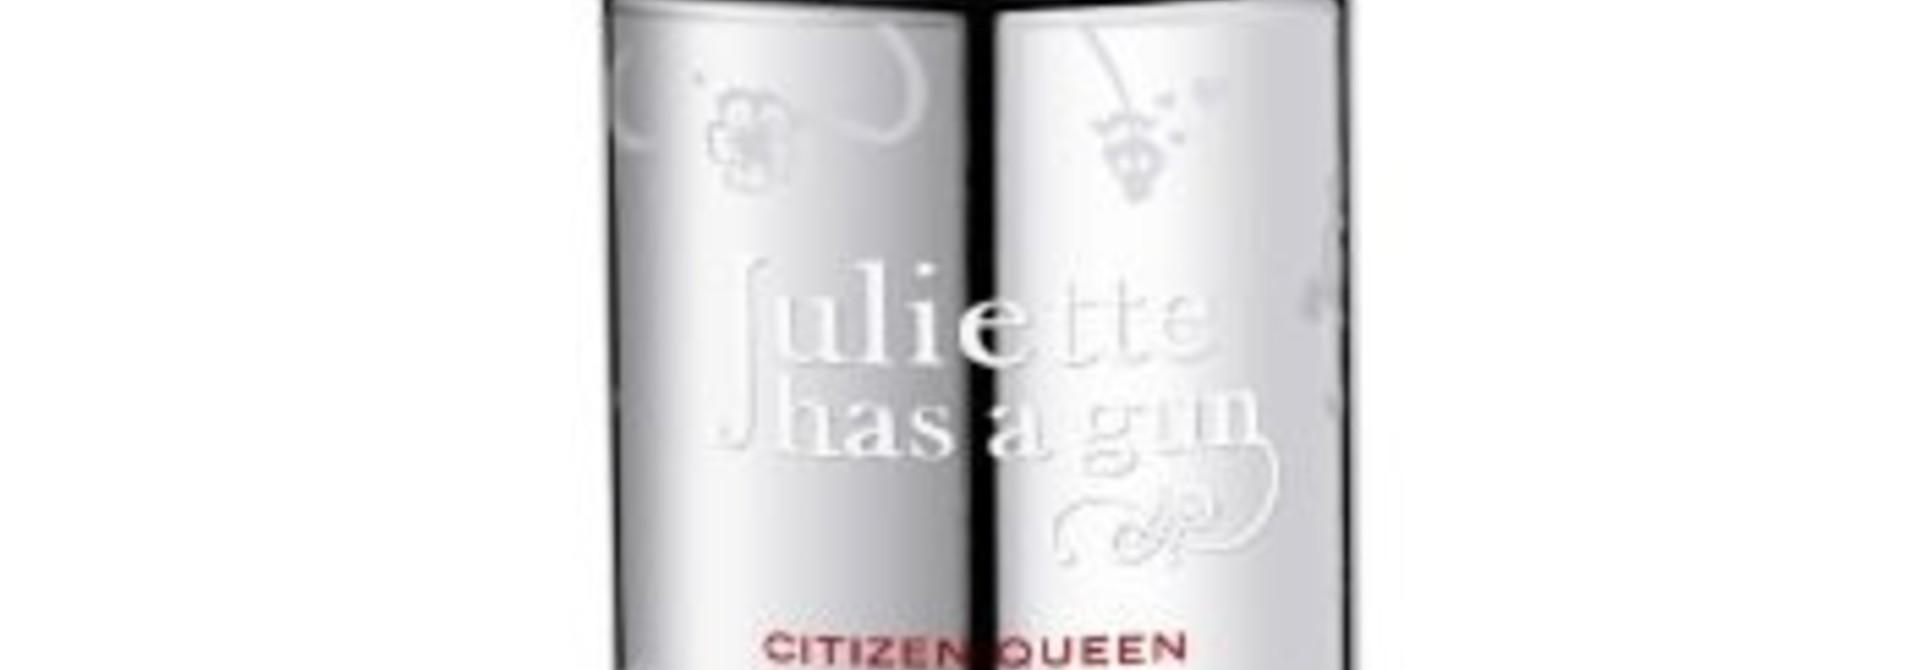 Citizen Queen - Juliette Has A Gun